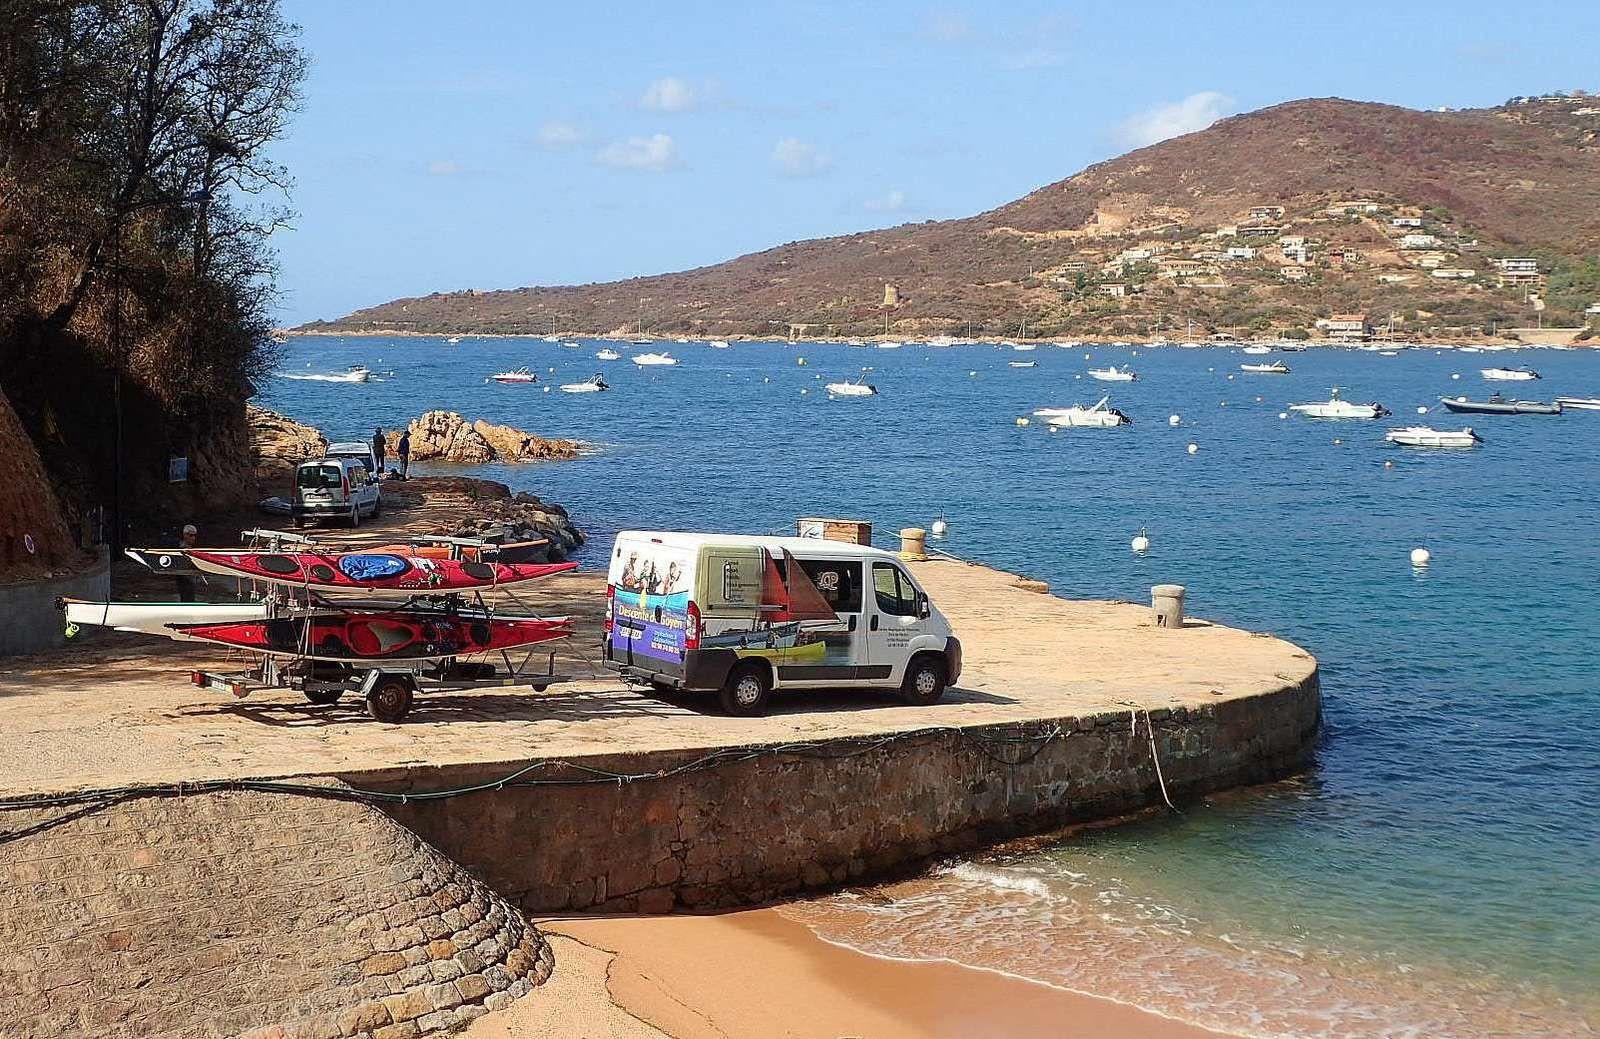 La joyeuse équipée de 9 kayakistes finistériens en Corse - Chapitre 6